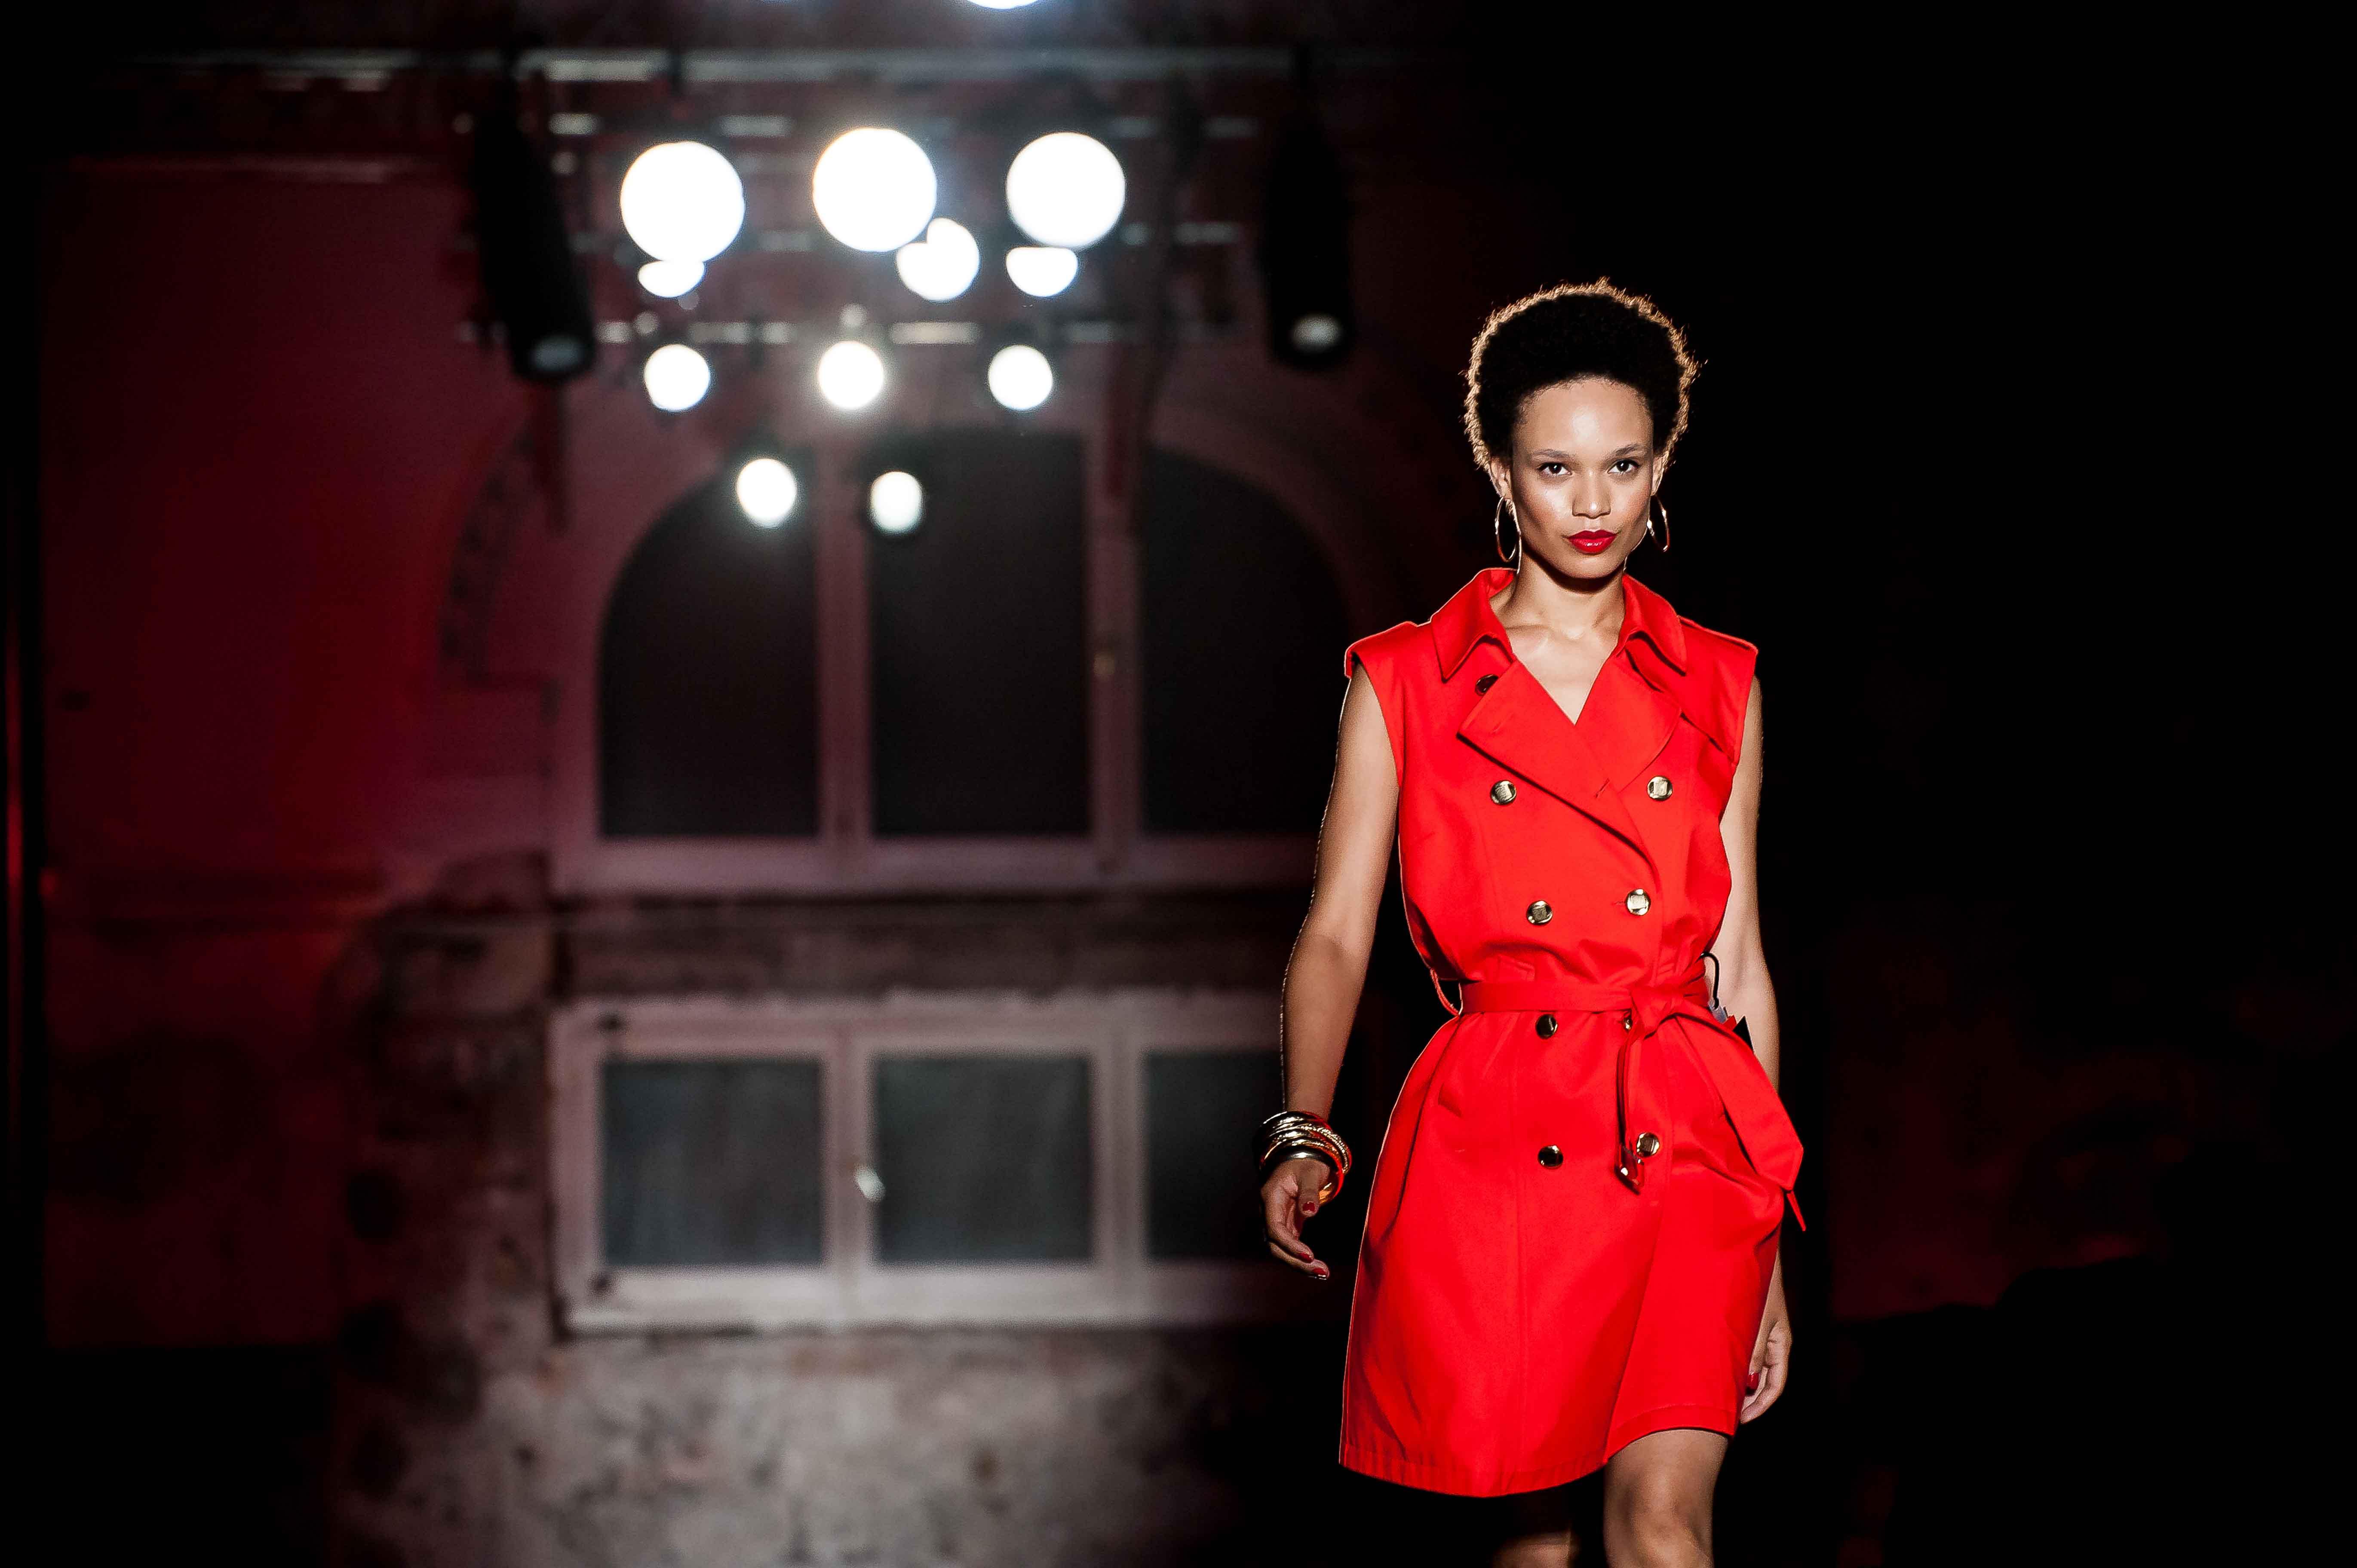 Chica desfilando con traje rojo